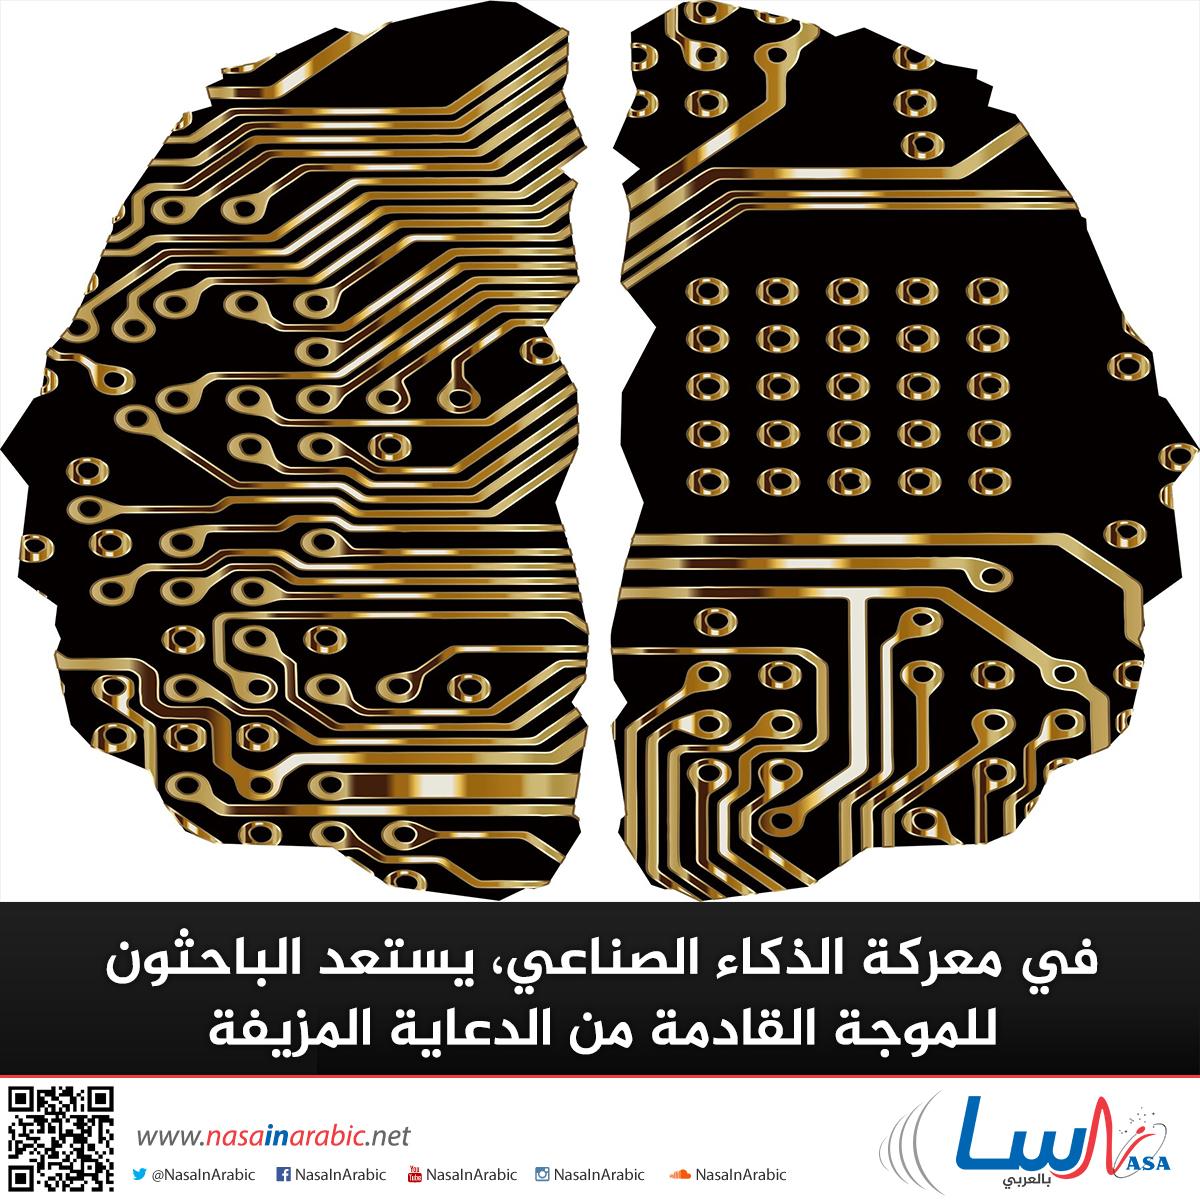 في معركة الذكاء الصناعي، يستعد الباحثون للموجة القادمة من الدعاية المزيفة